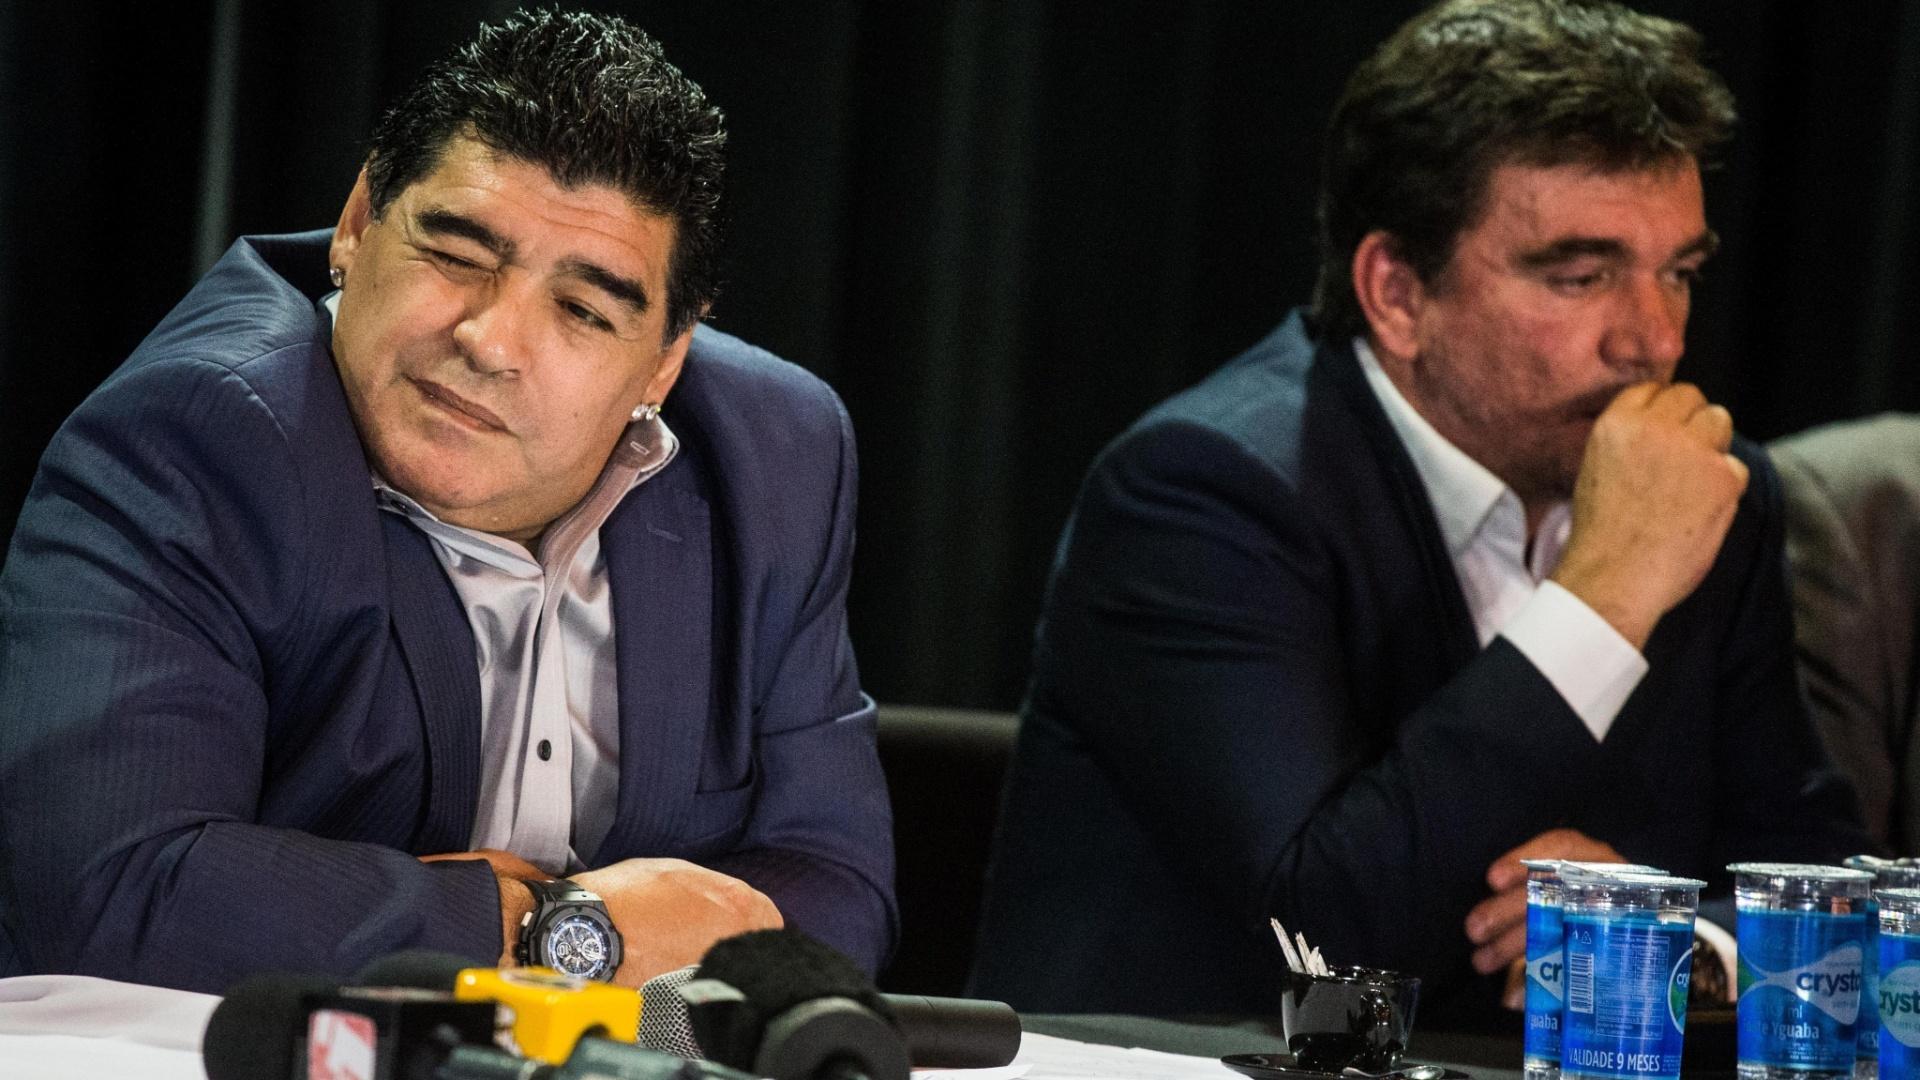 04.set.2013 - Os ex-jogadores Maradona (e) e Romário participaram nesta quarta-feira de um evento em São Paulo promovido pelo ex-presidente do Corinthians Andrés Sanchez (d) para discutir o atual futebol sul-americano